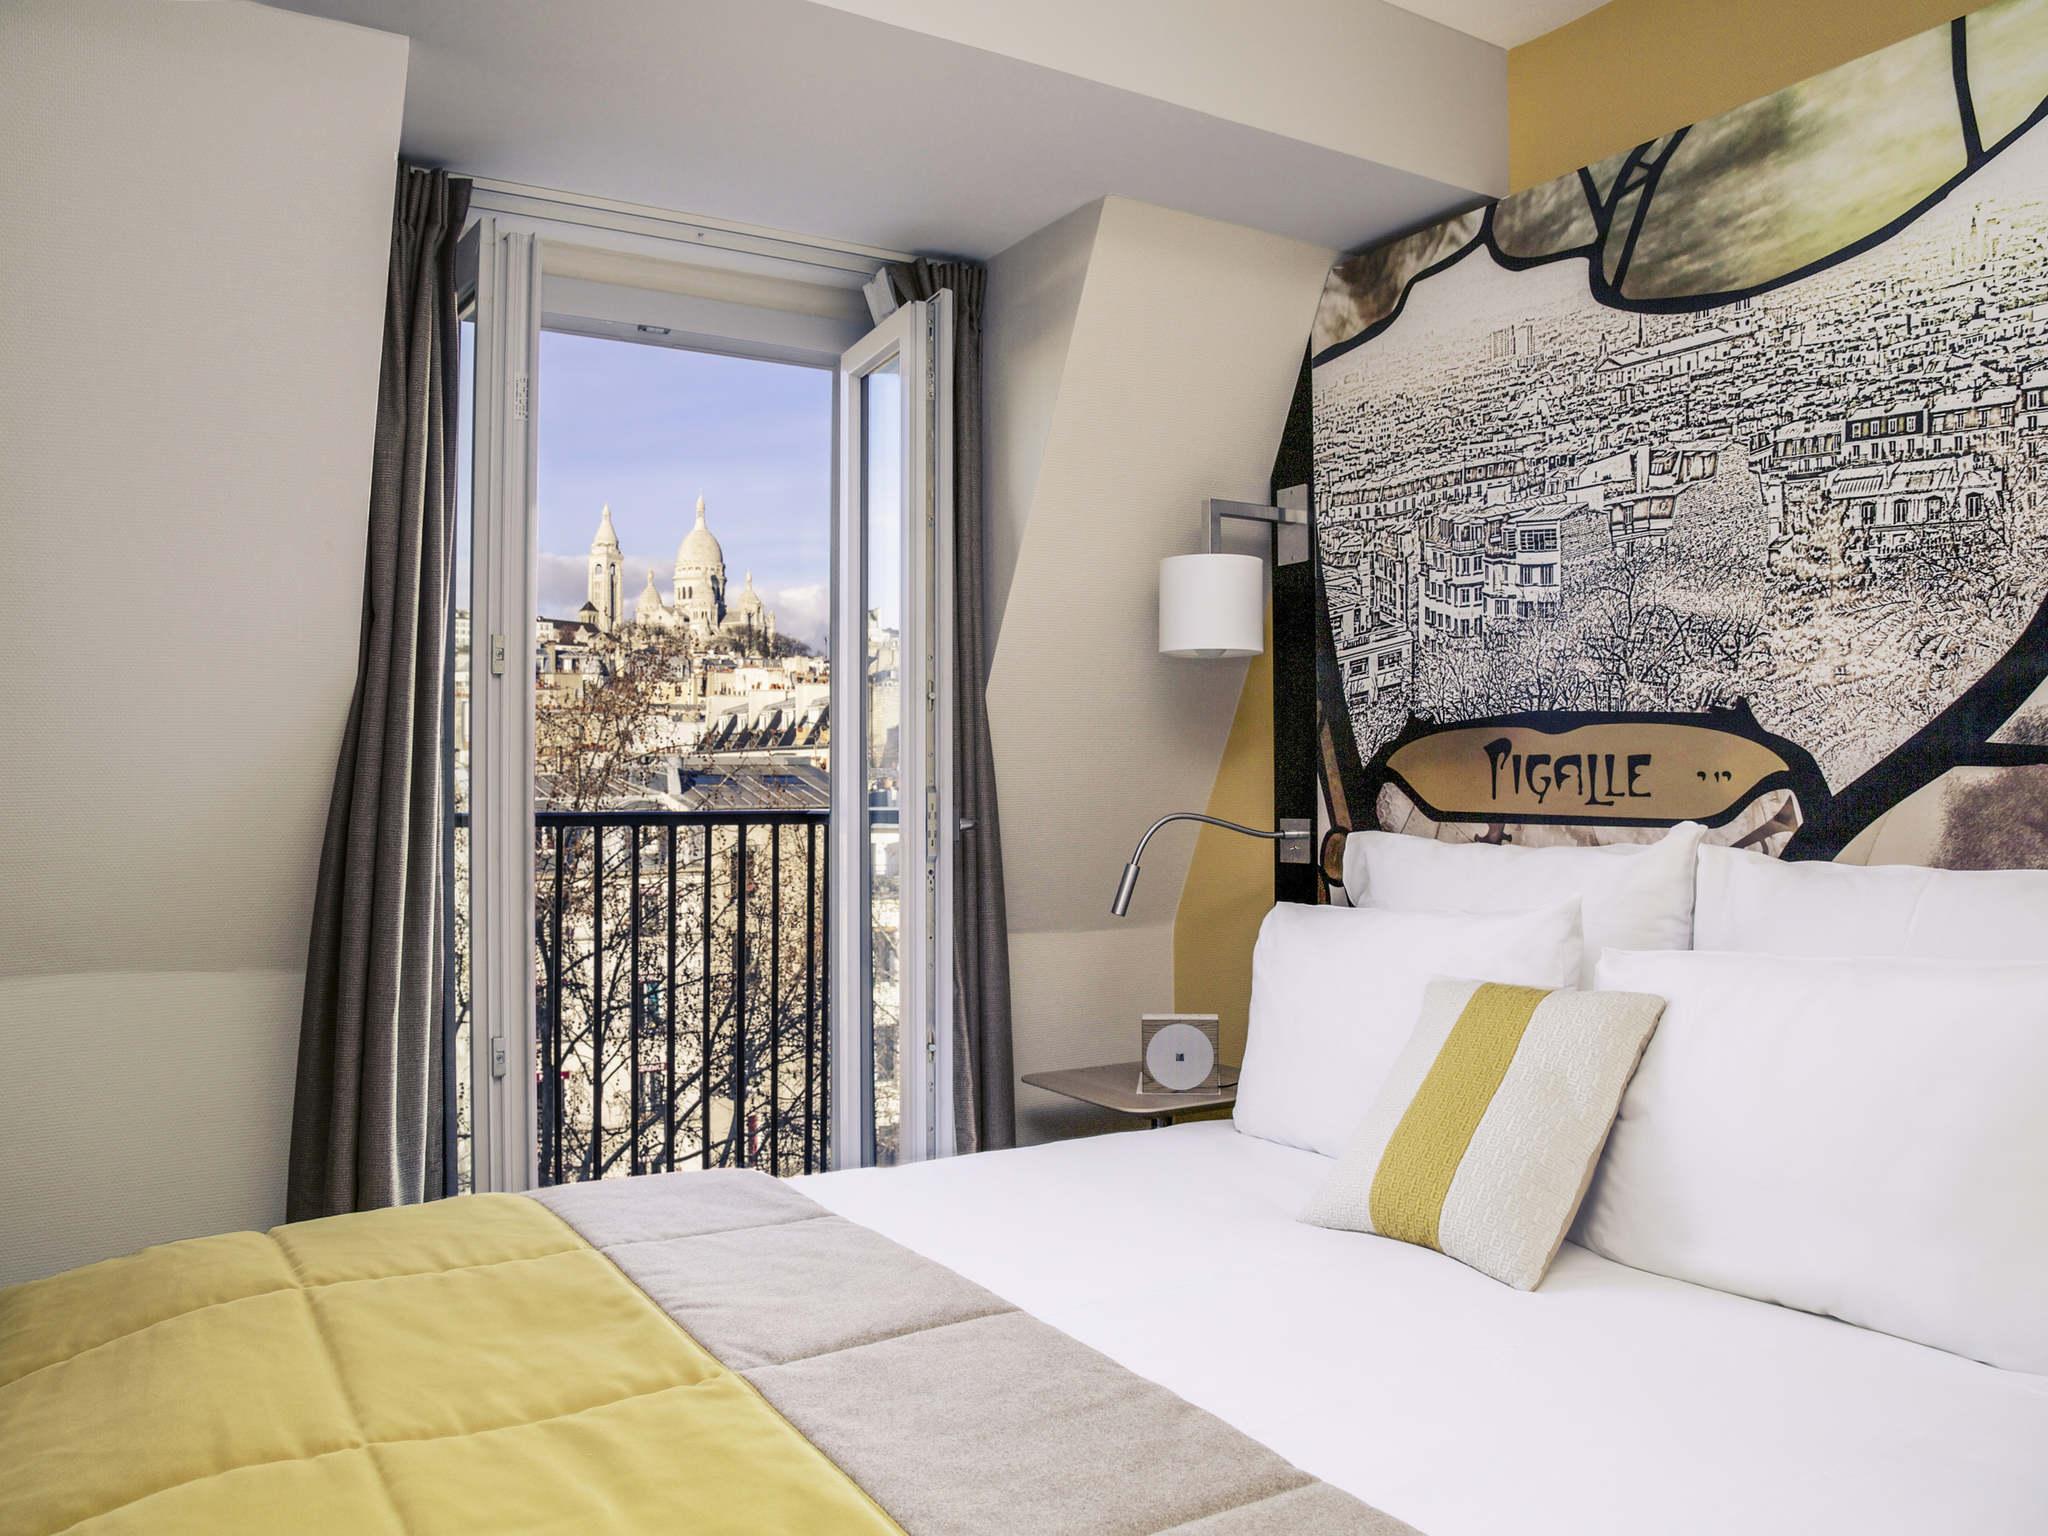 Hotel – Mercure Paris 9 Pigalle Sacre-Coeur hotel